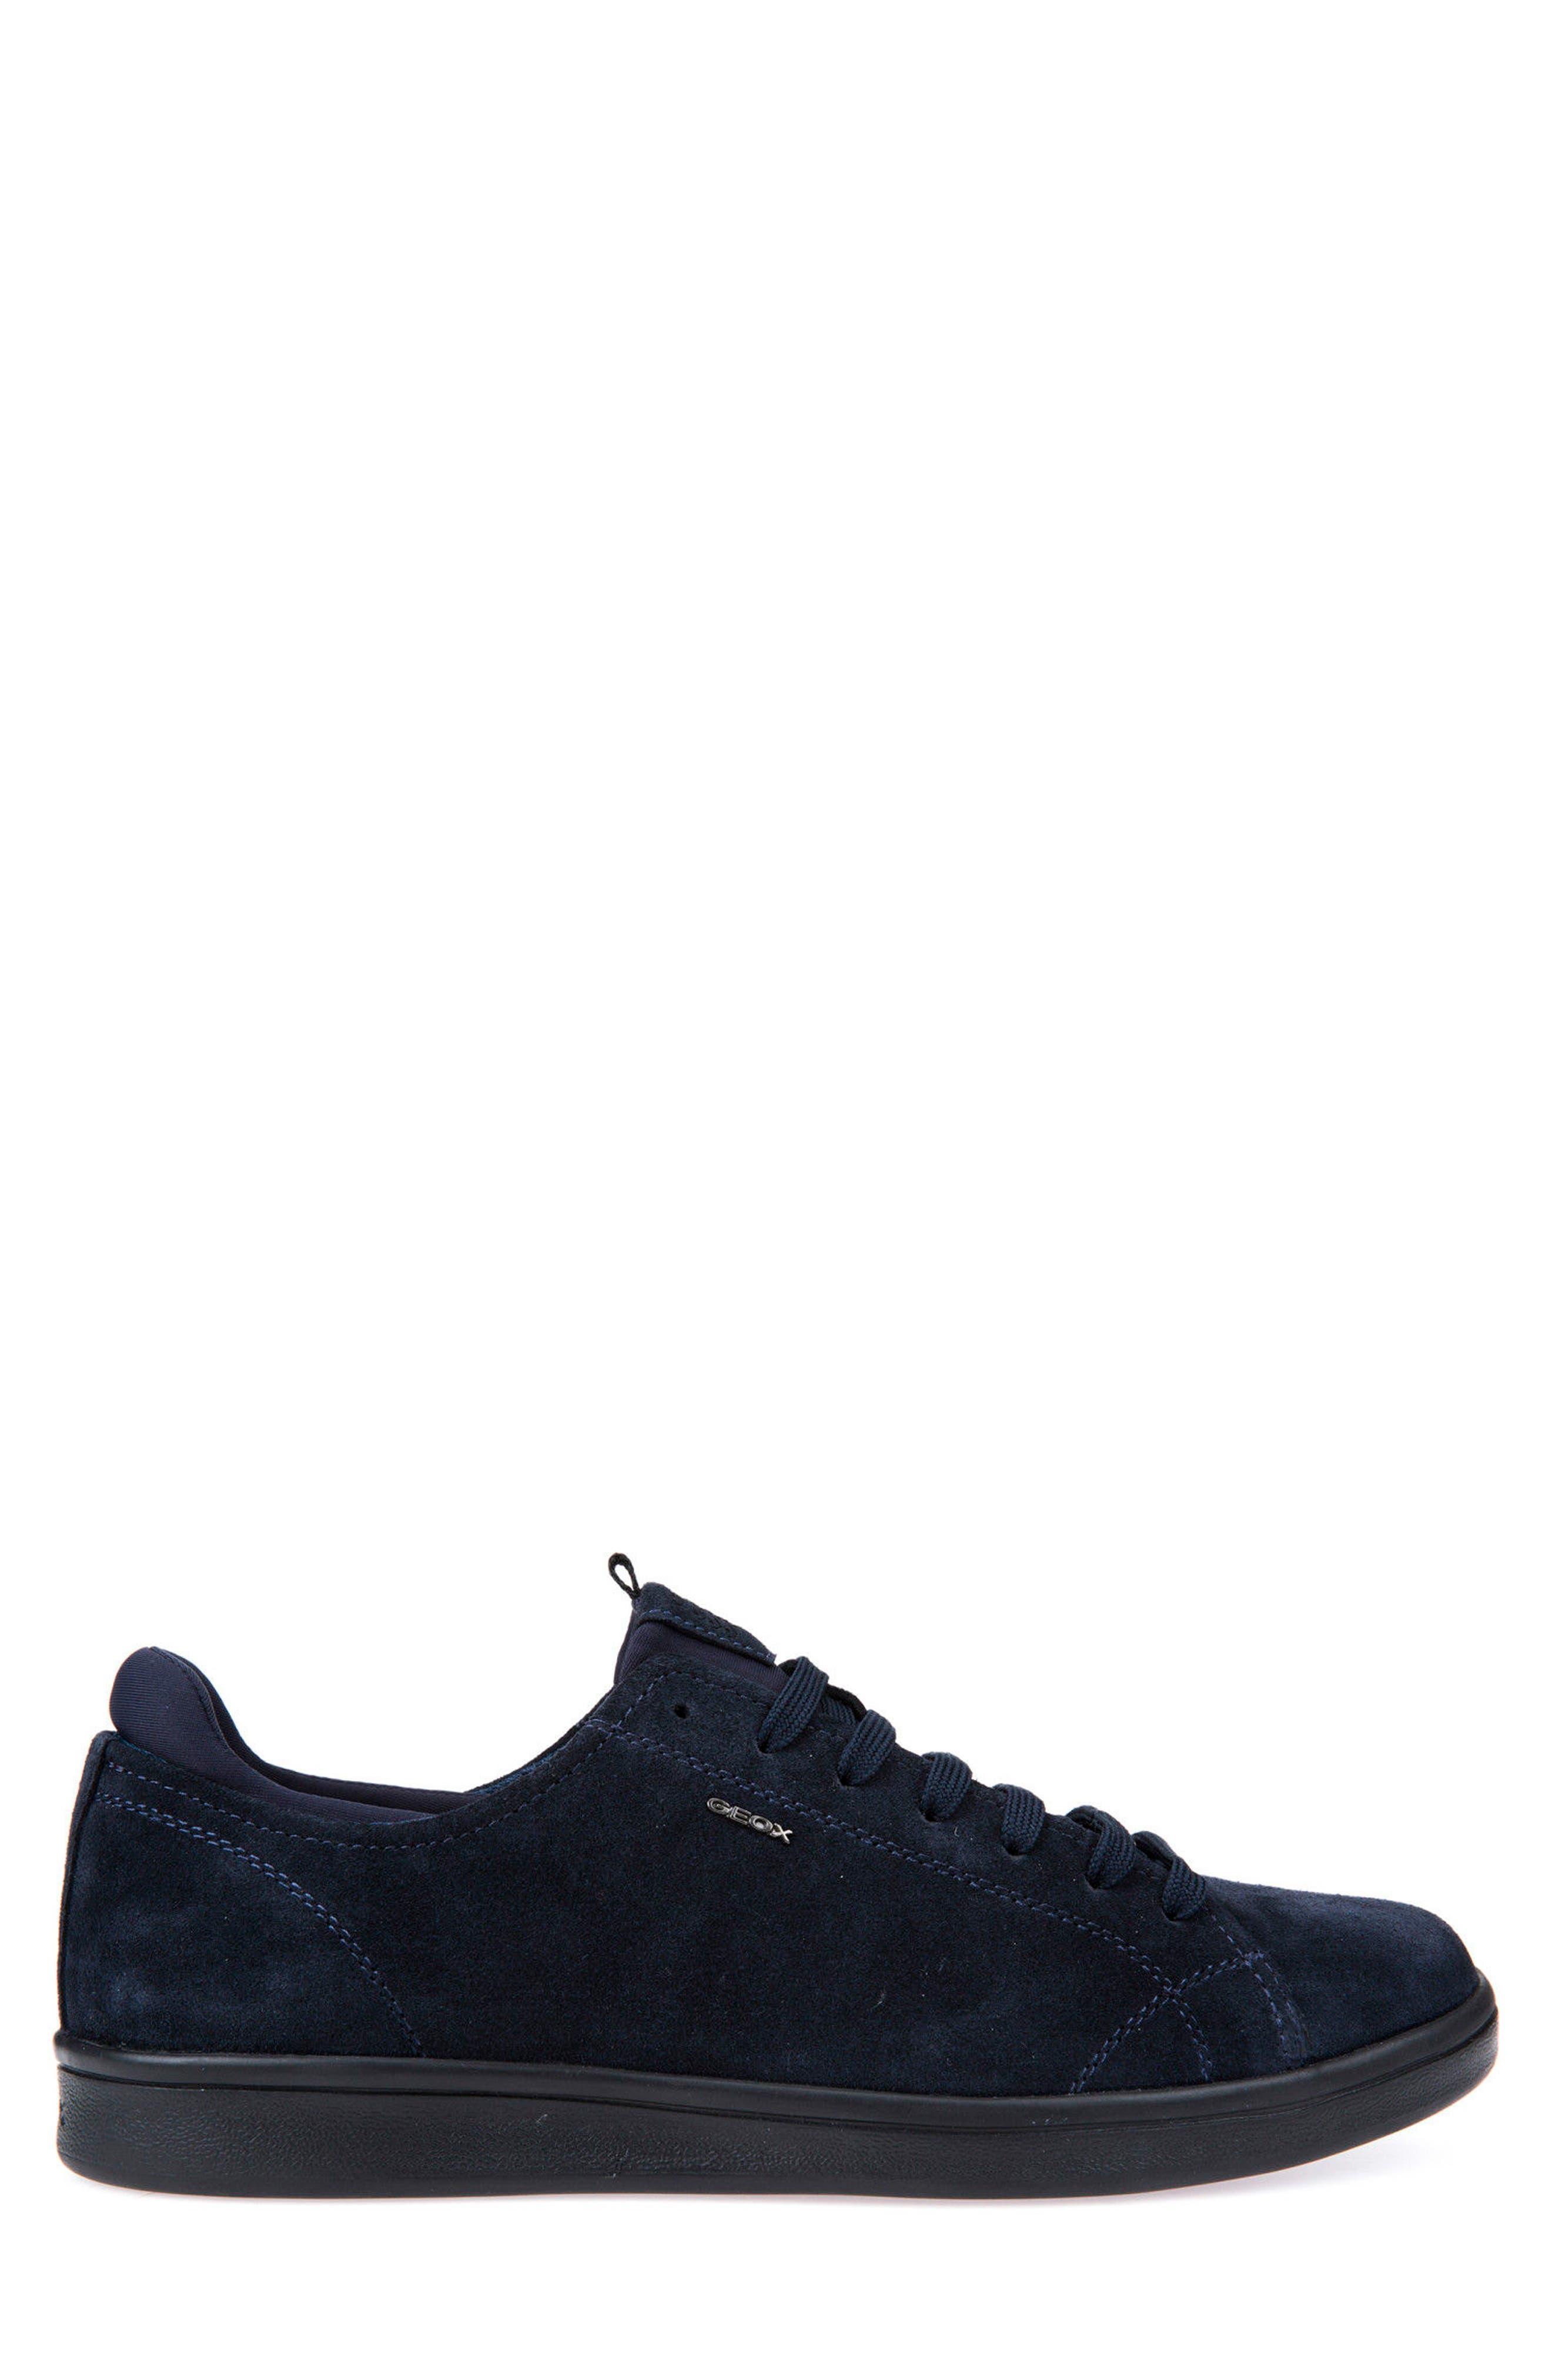 Warrens 8 Low-Top Sneaker,                             Alternate thumbnail 8, color,